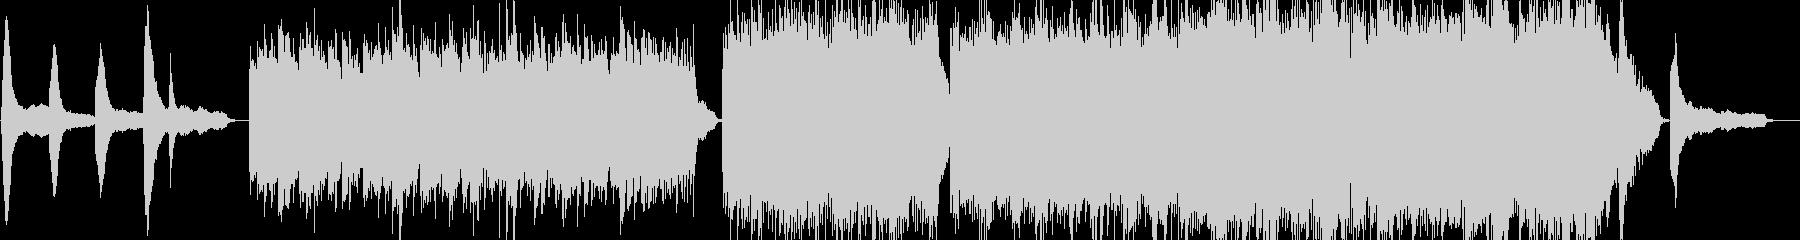 企業VP4 16bit44kHzVerの未再生の波形